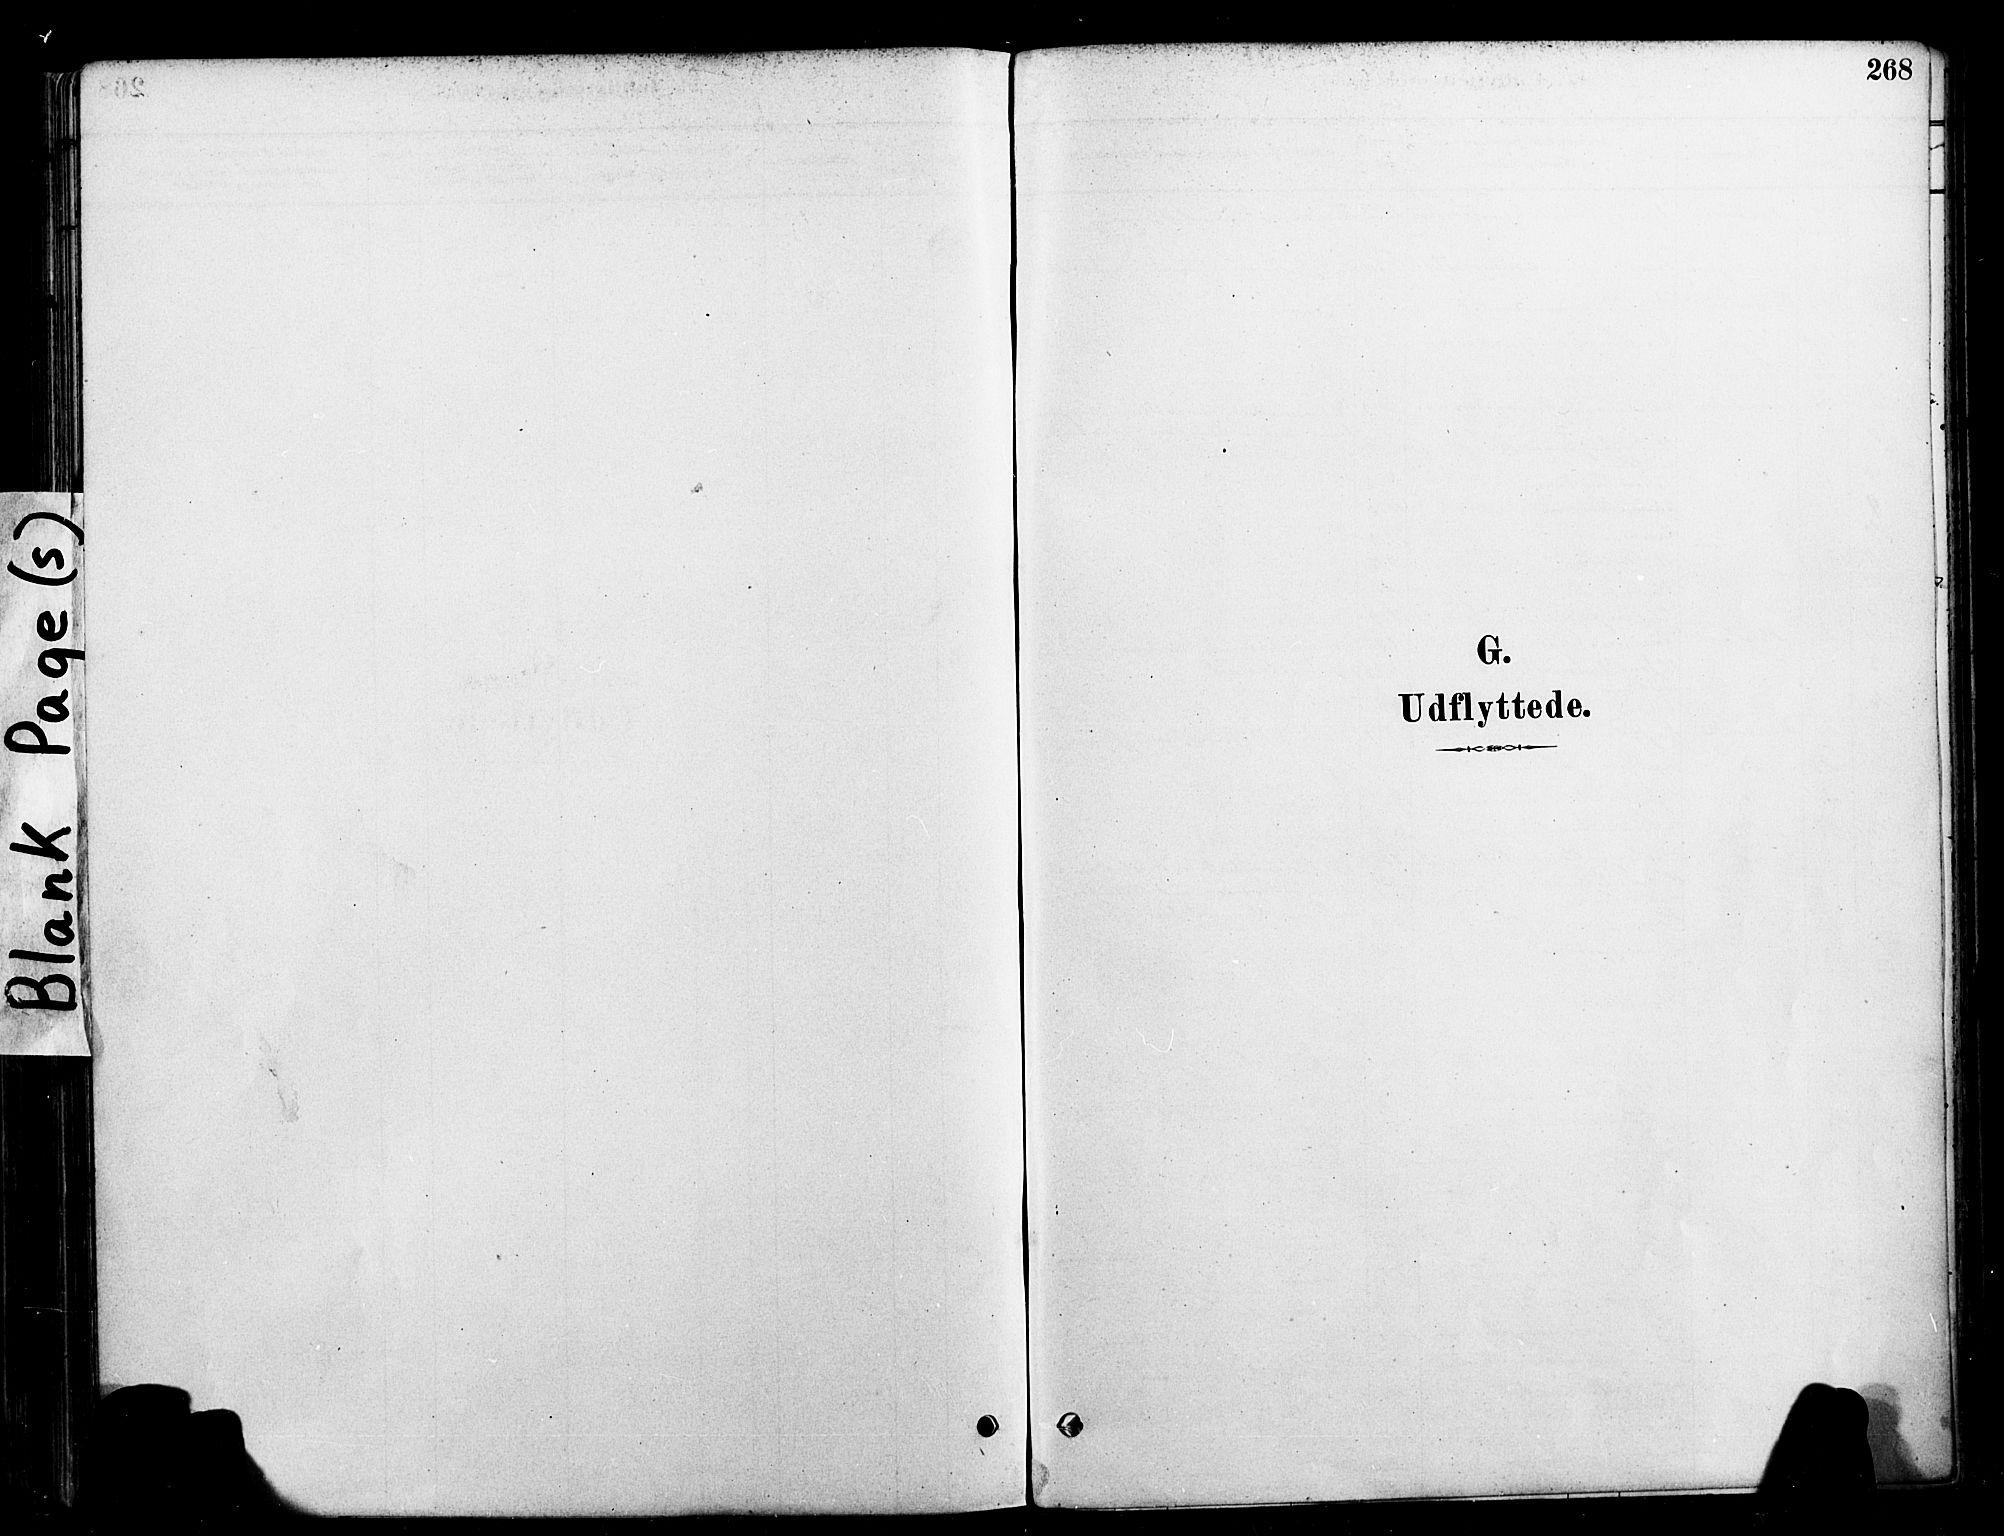 SAT, Ministerialprotokoller, klokkerbøker og fødselsregistre - Nord-Trøndelag, 709/L0077: Ministerialbok nr. 709A17, 1880-1895, s. 268